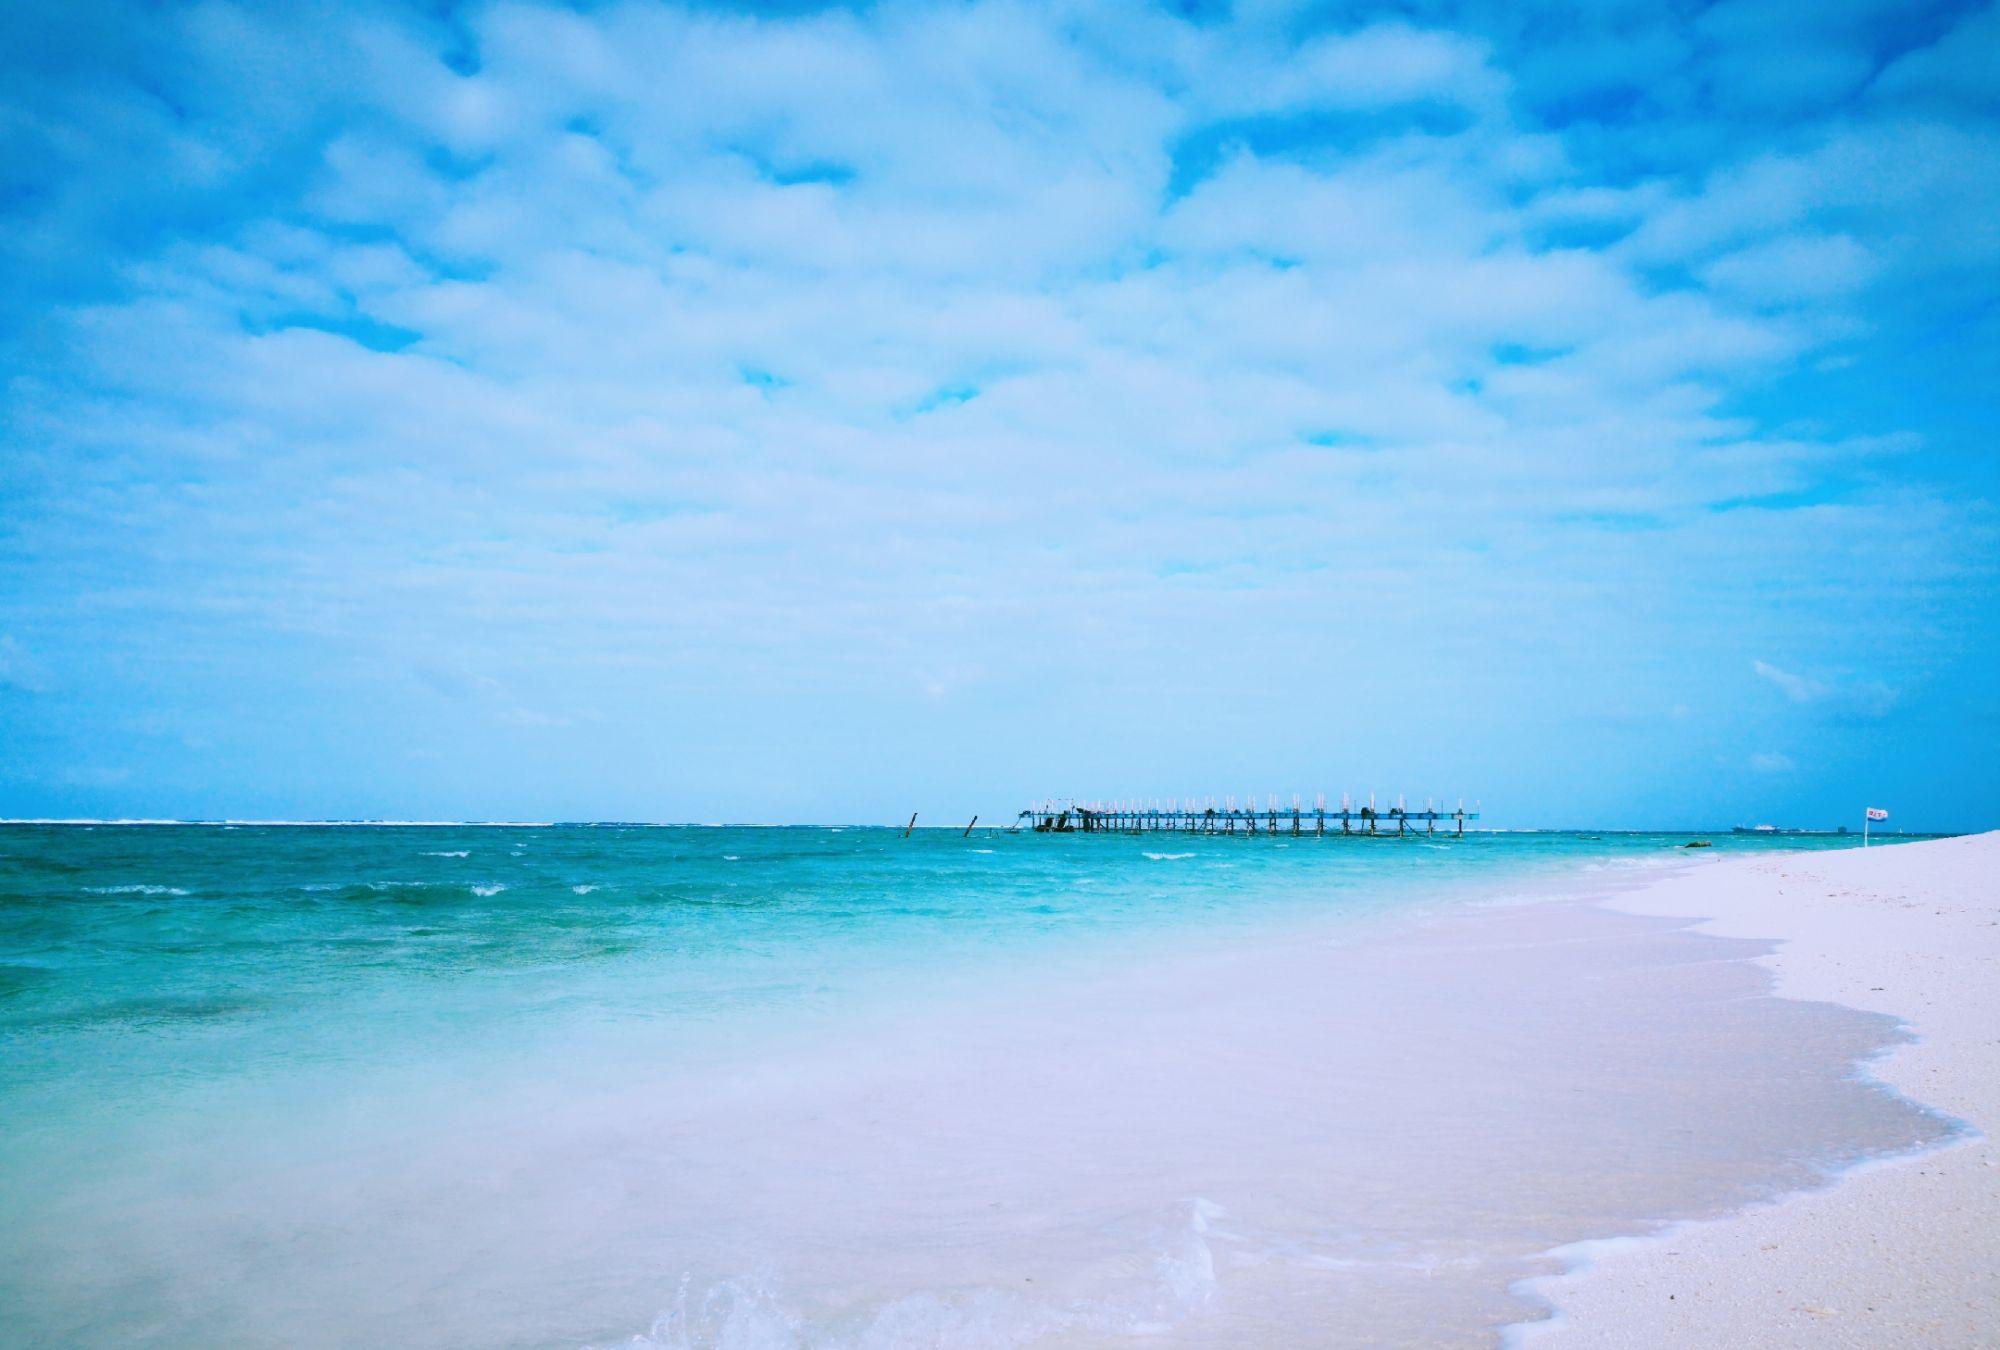 西沙群岛之全富岛美景